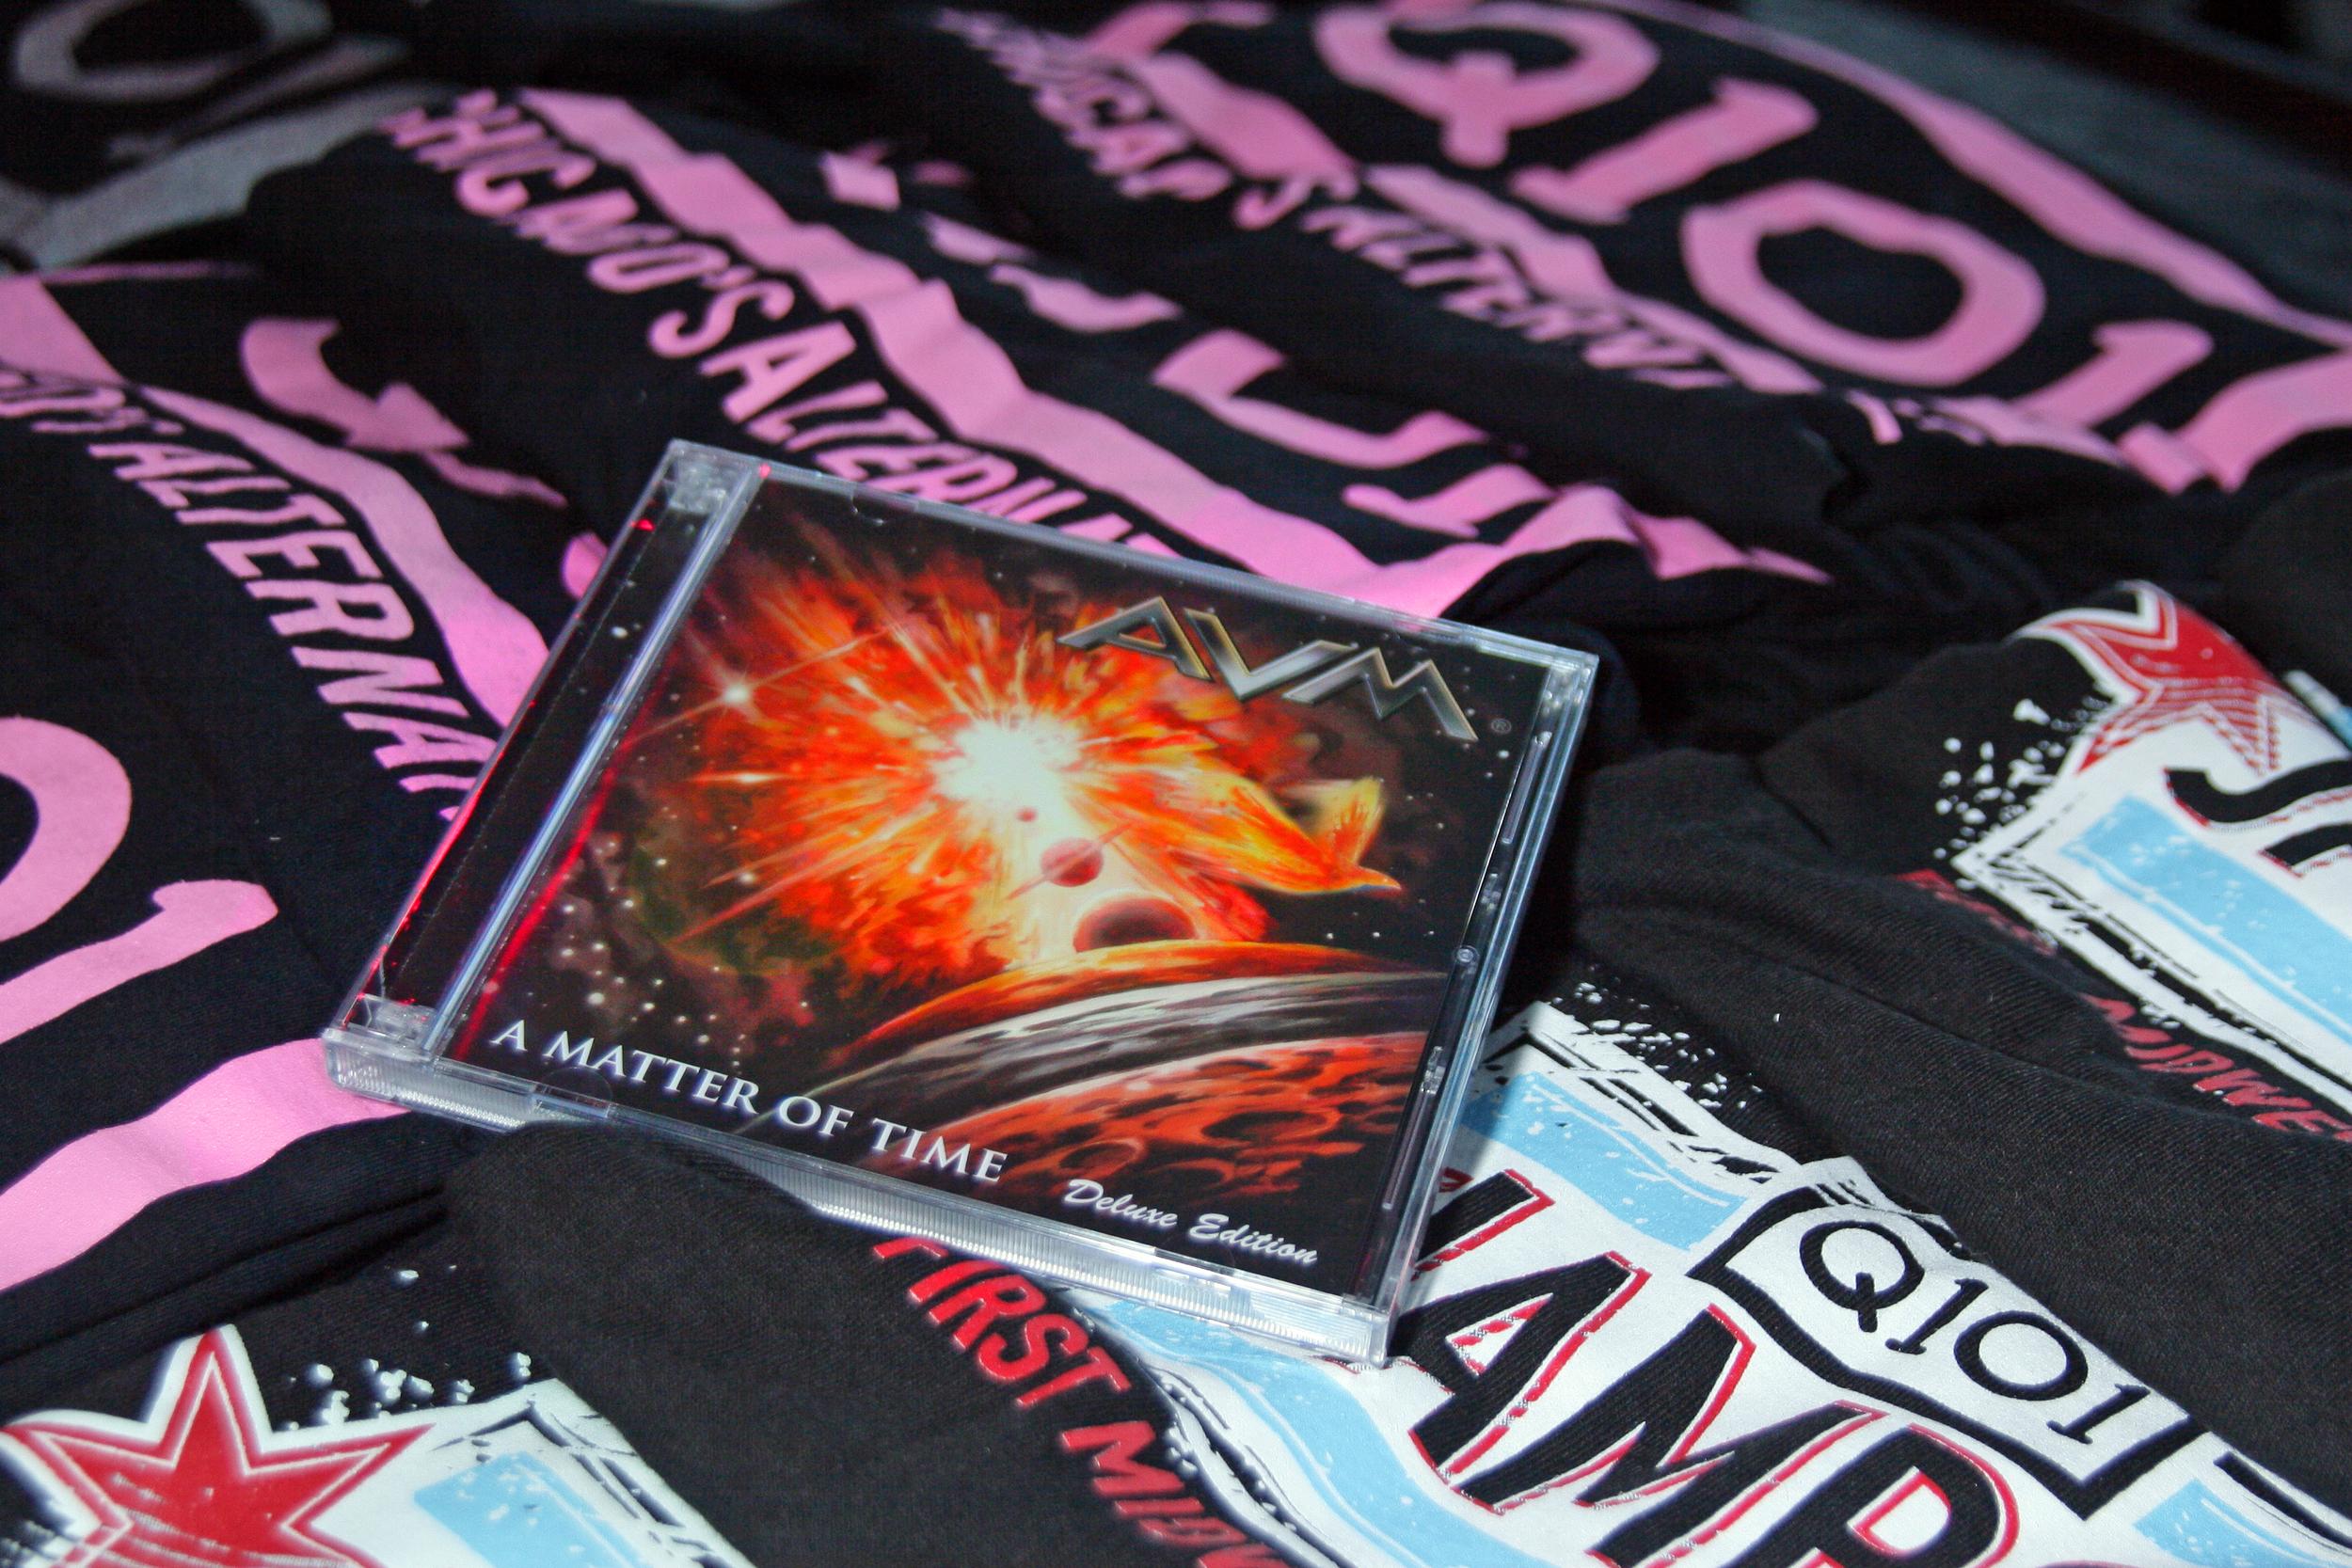 A Matter Of Time CD.JPG